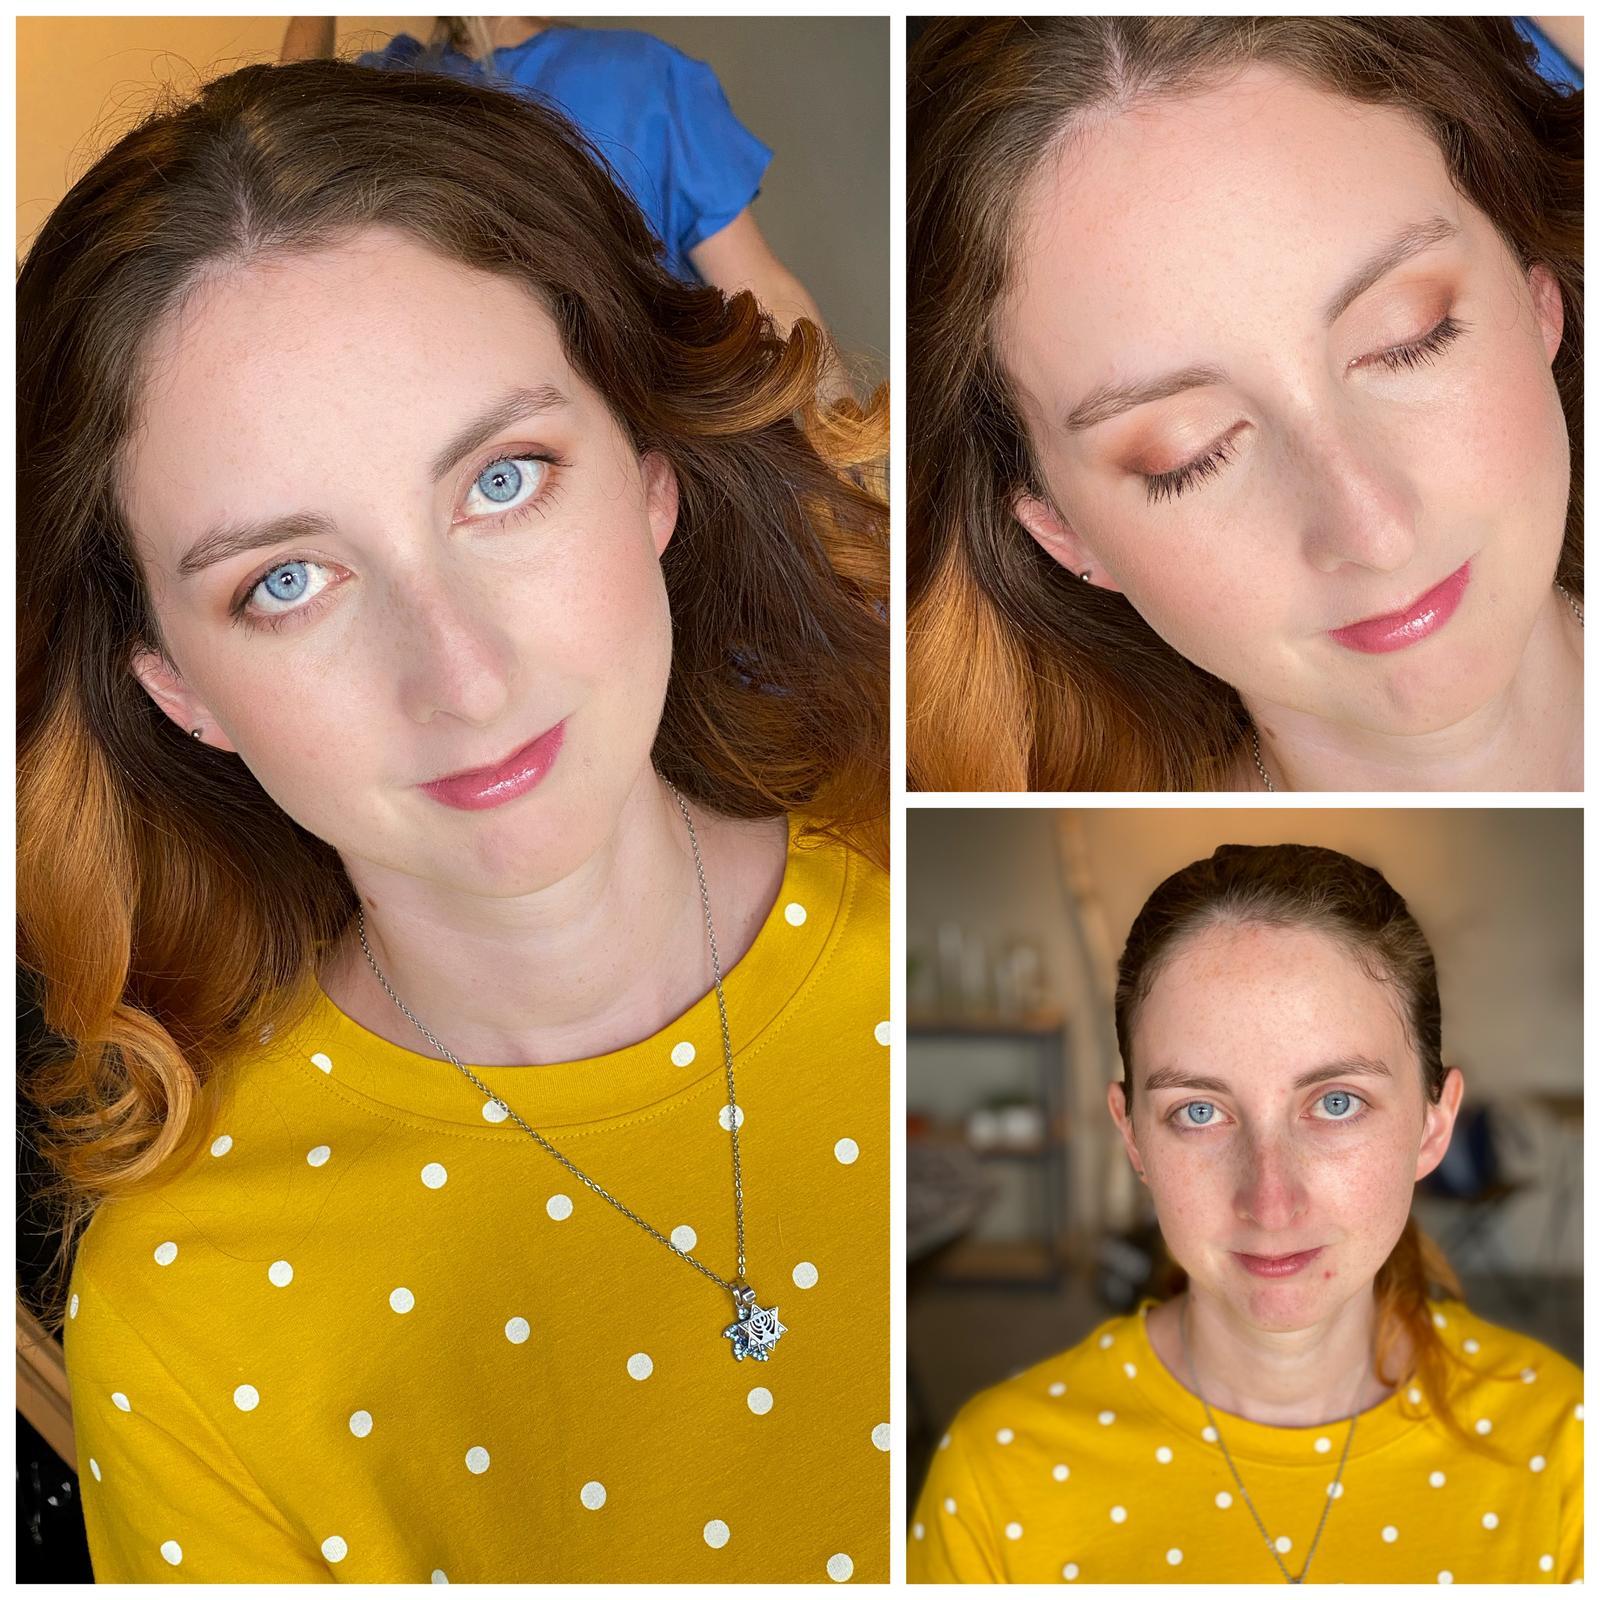 Makeup & hair 2020 - Velmi decentní makeup pro družičku🙏🏻,cílem bylo sjednotit pleť,zachovat pihy a zvýraznit barvu očí💛🌿